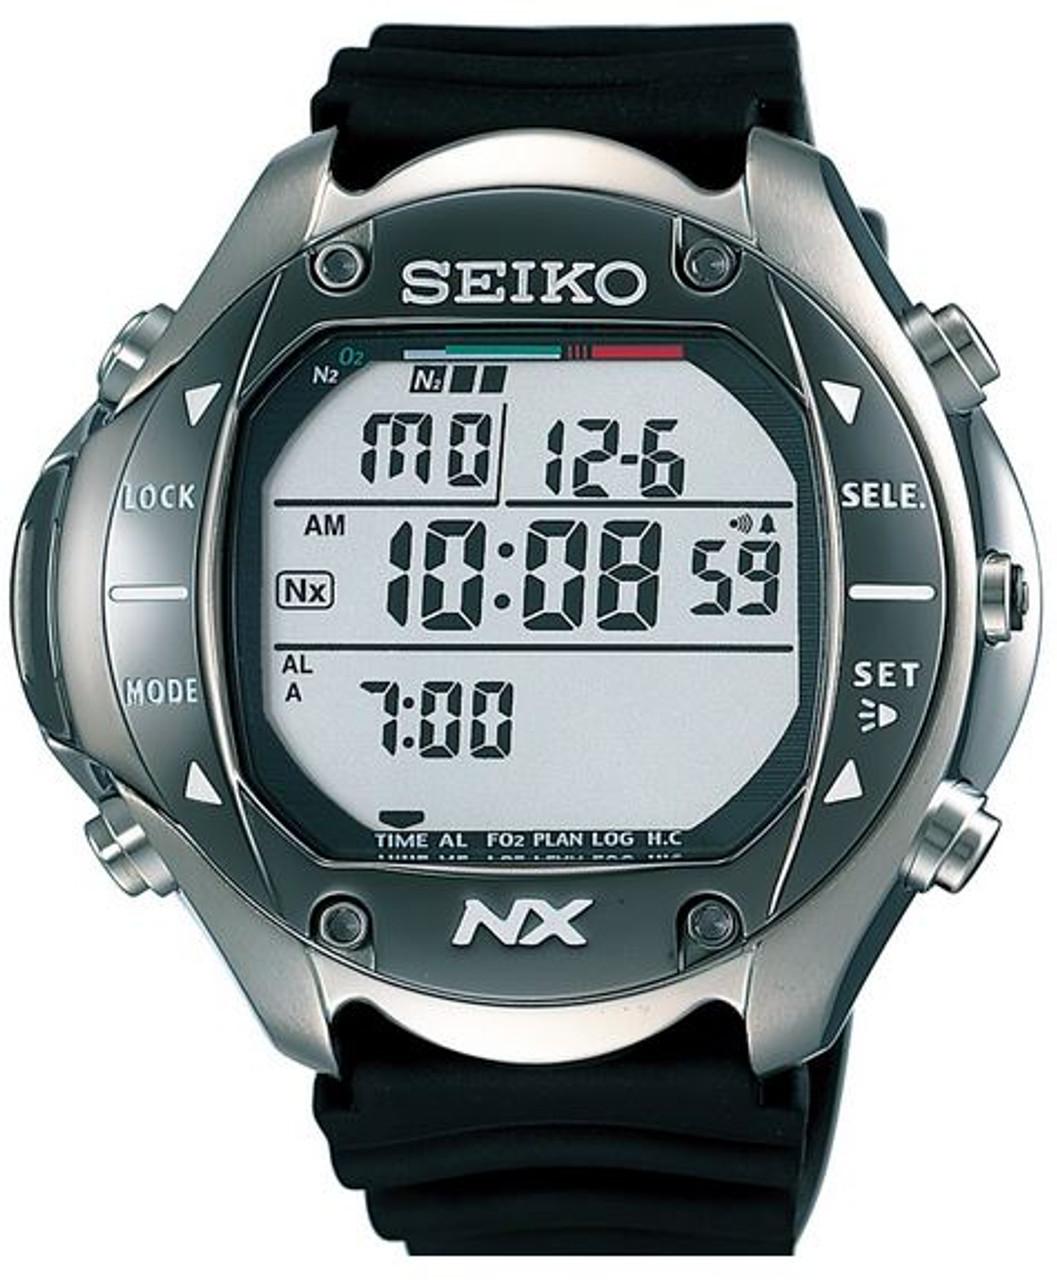 Seiko Digital Diver SBDK001 Diving Computer